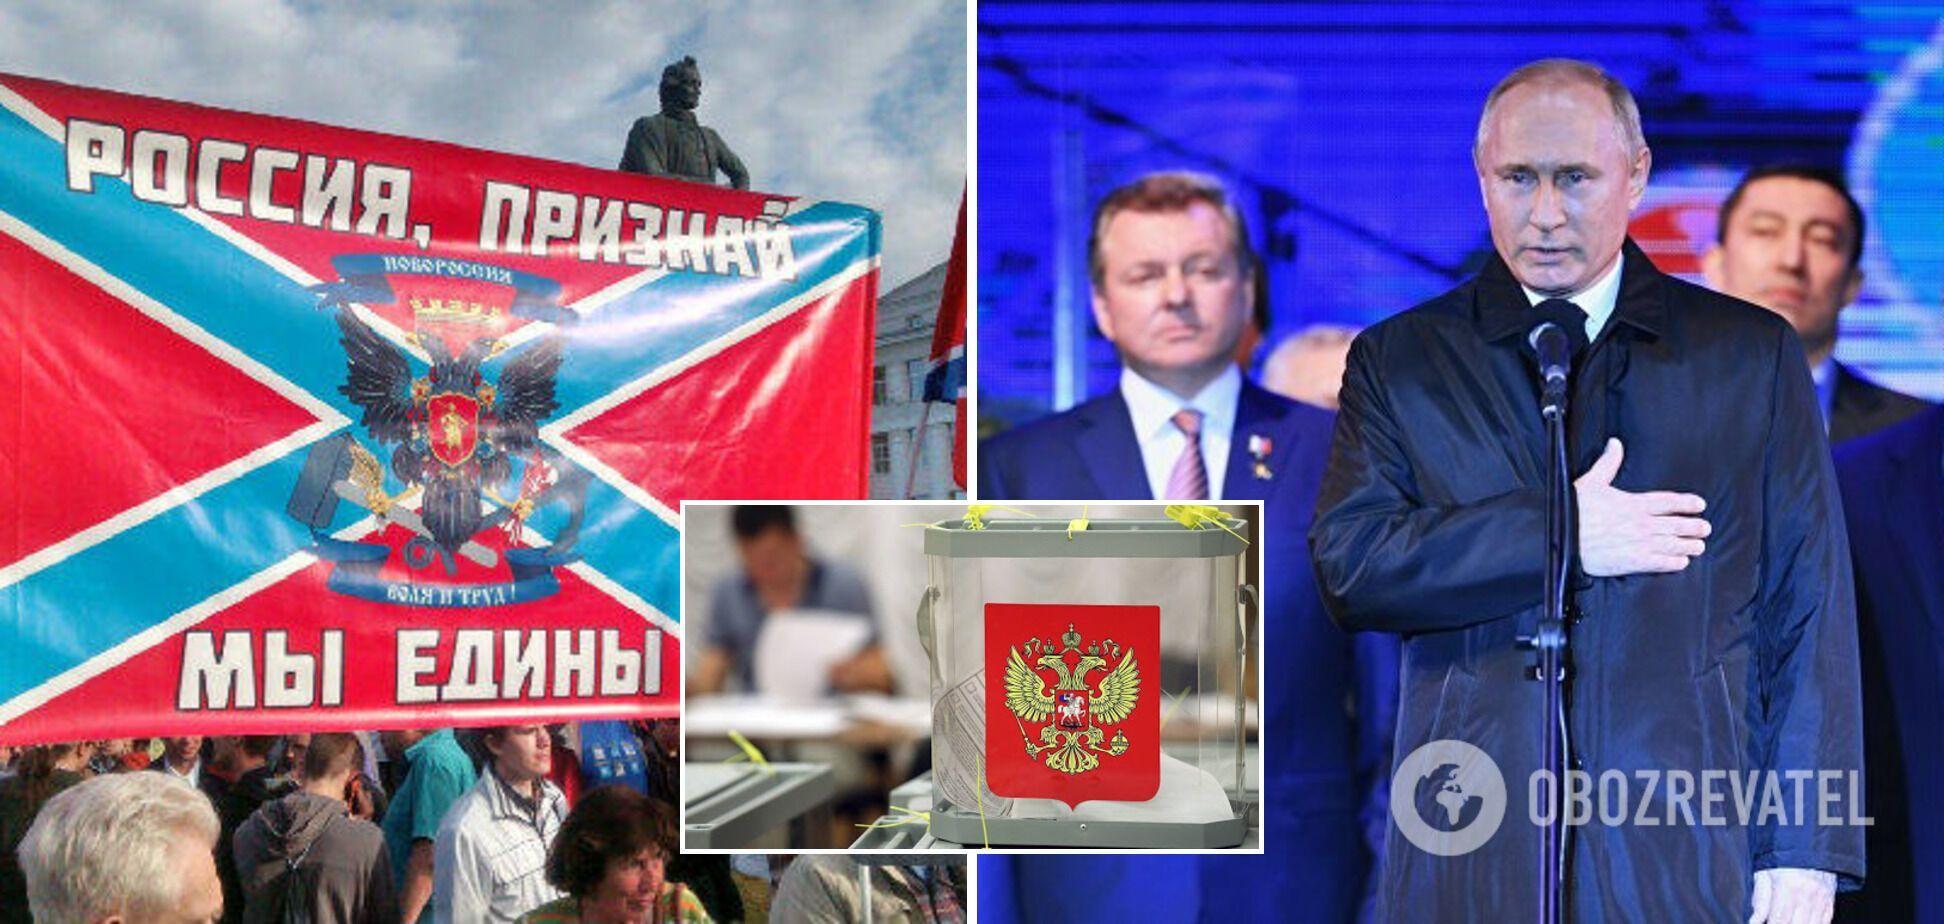 'Тиха' анексія Донбасу ‒ демонстрація безкарності та брехні Росії